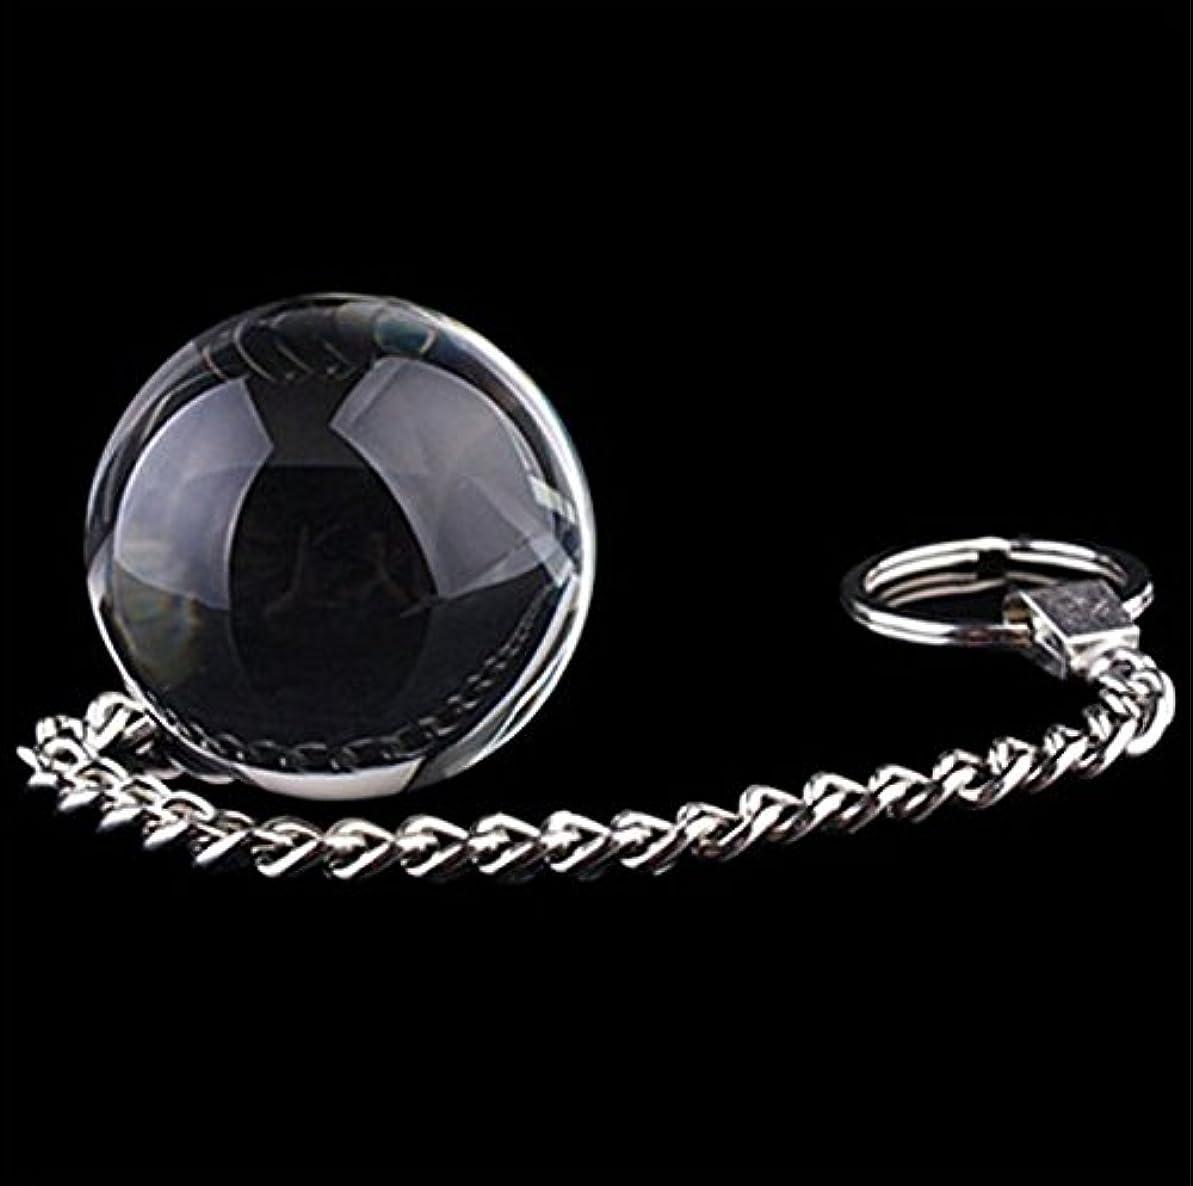 クリスタルガラスマジックマッサージボール